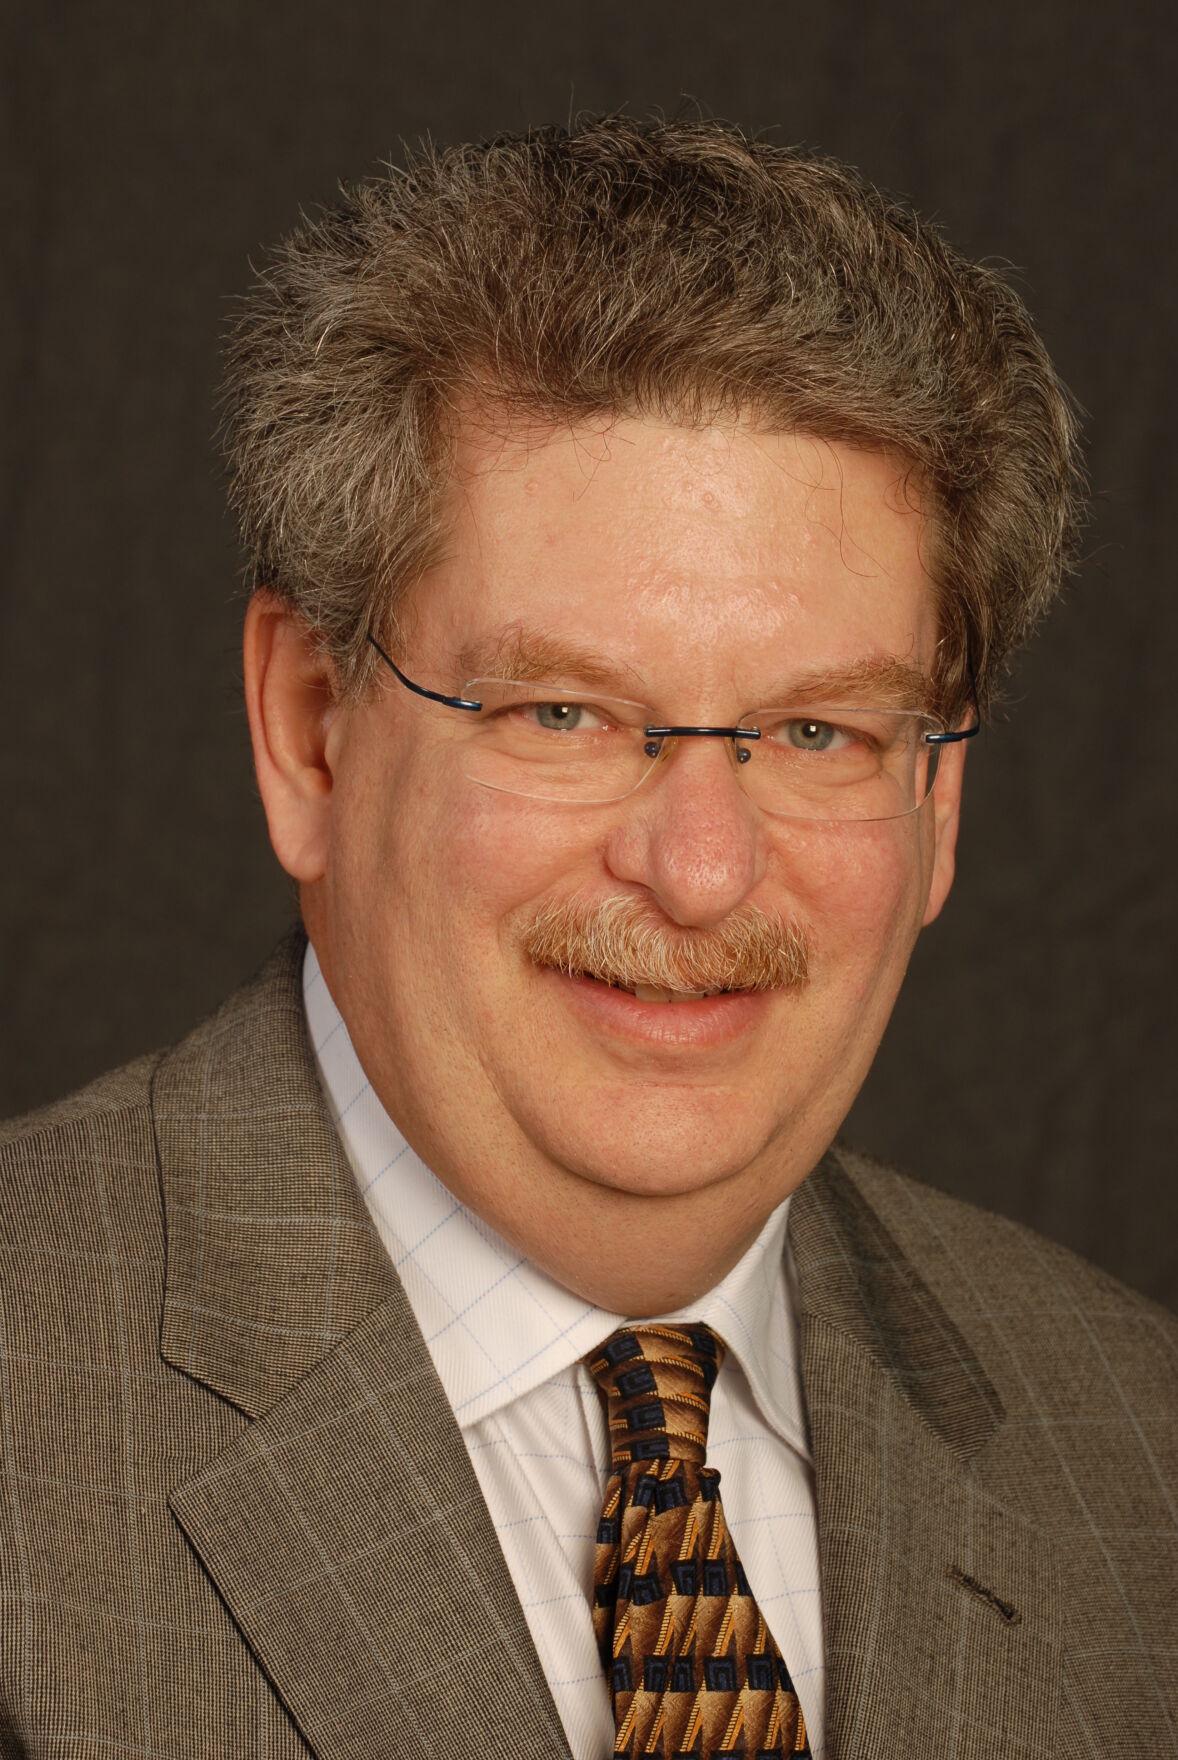 Jerome Paulson